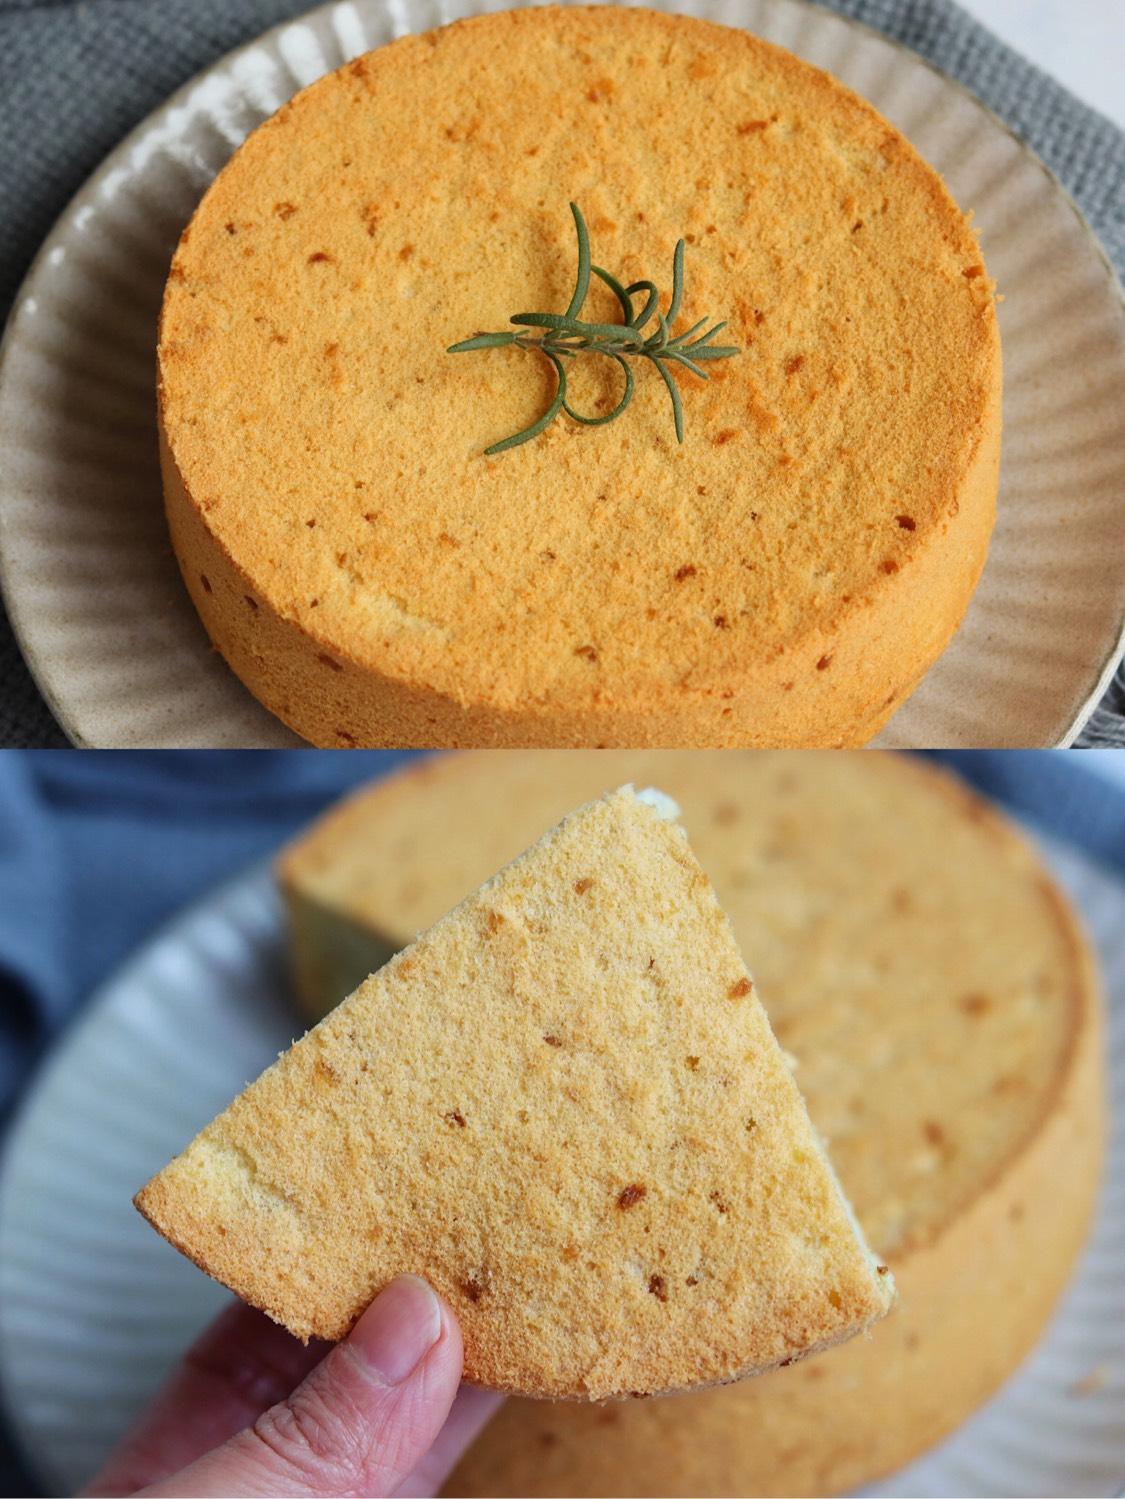 桂花戚風蛋糕 秘?桂花蛋糕,你吃過嗎